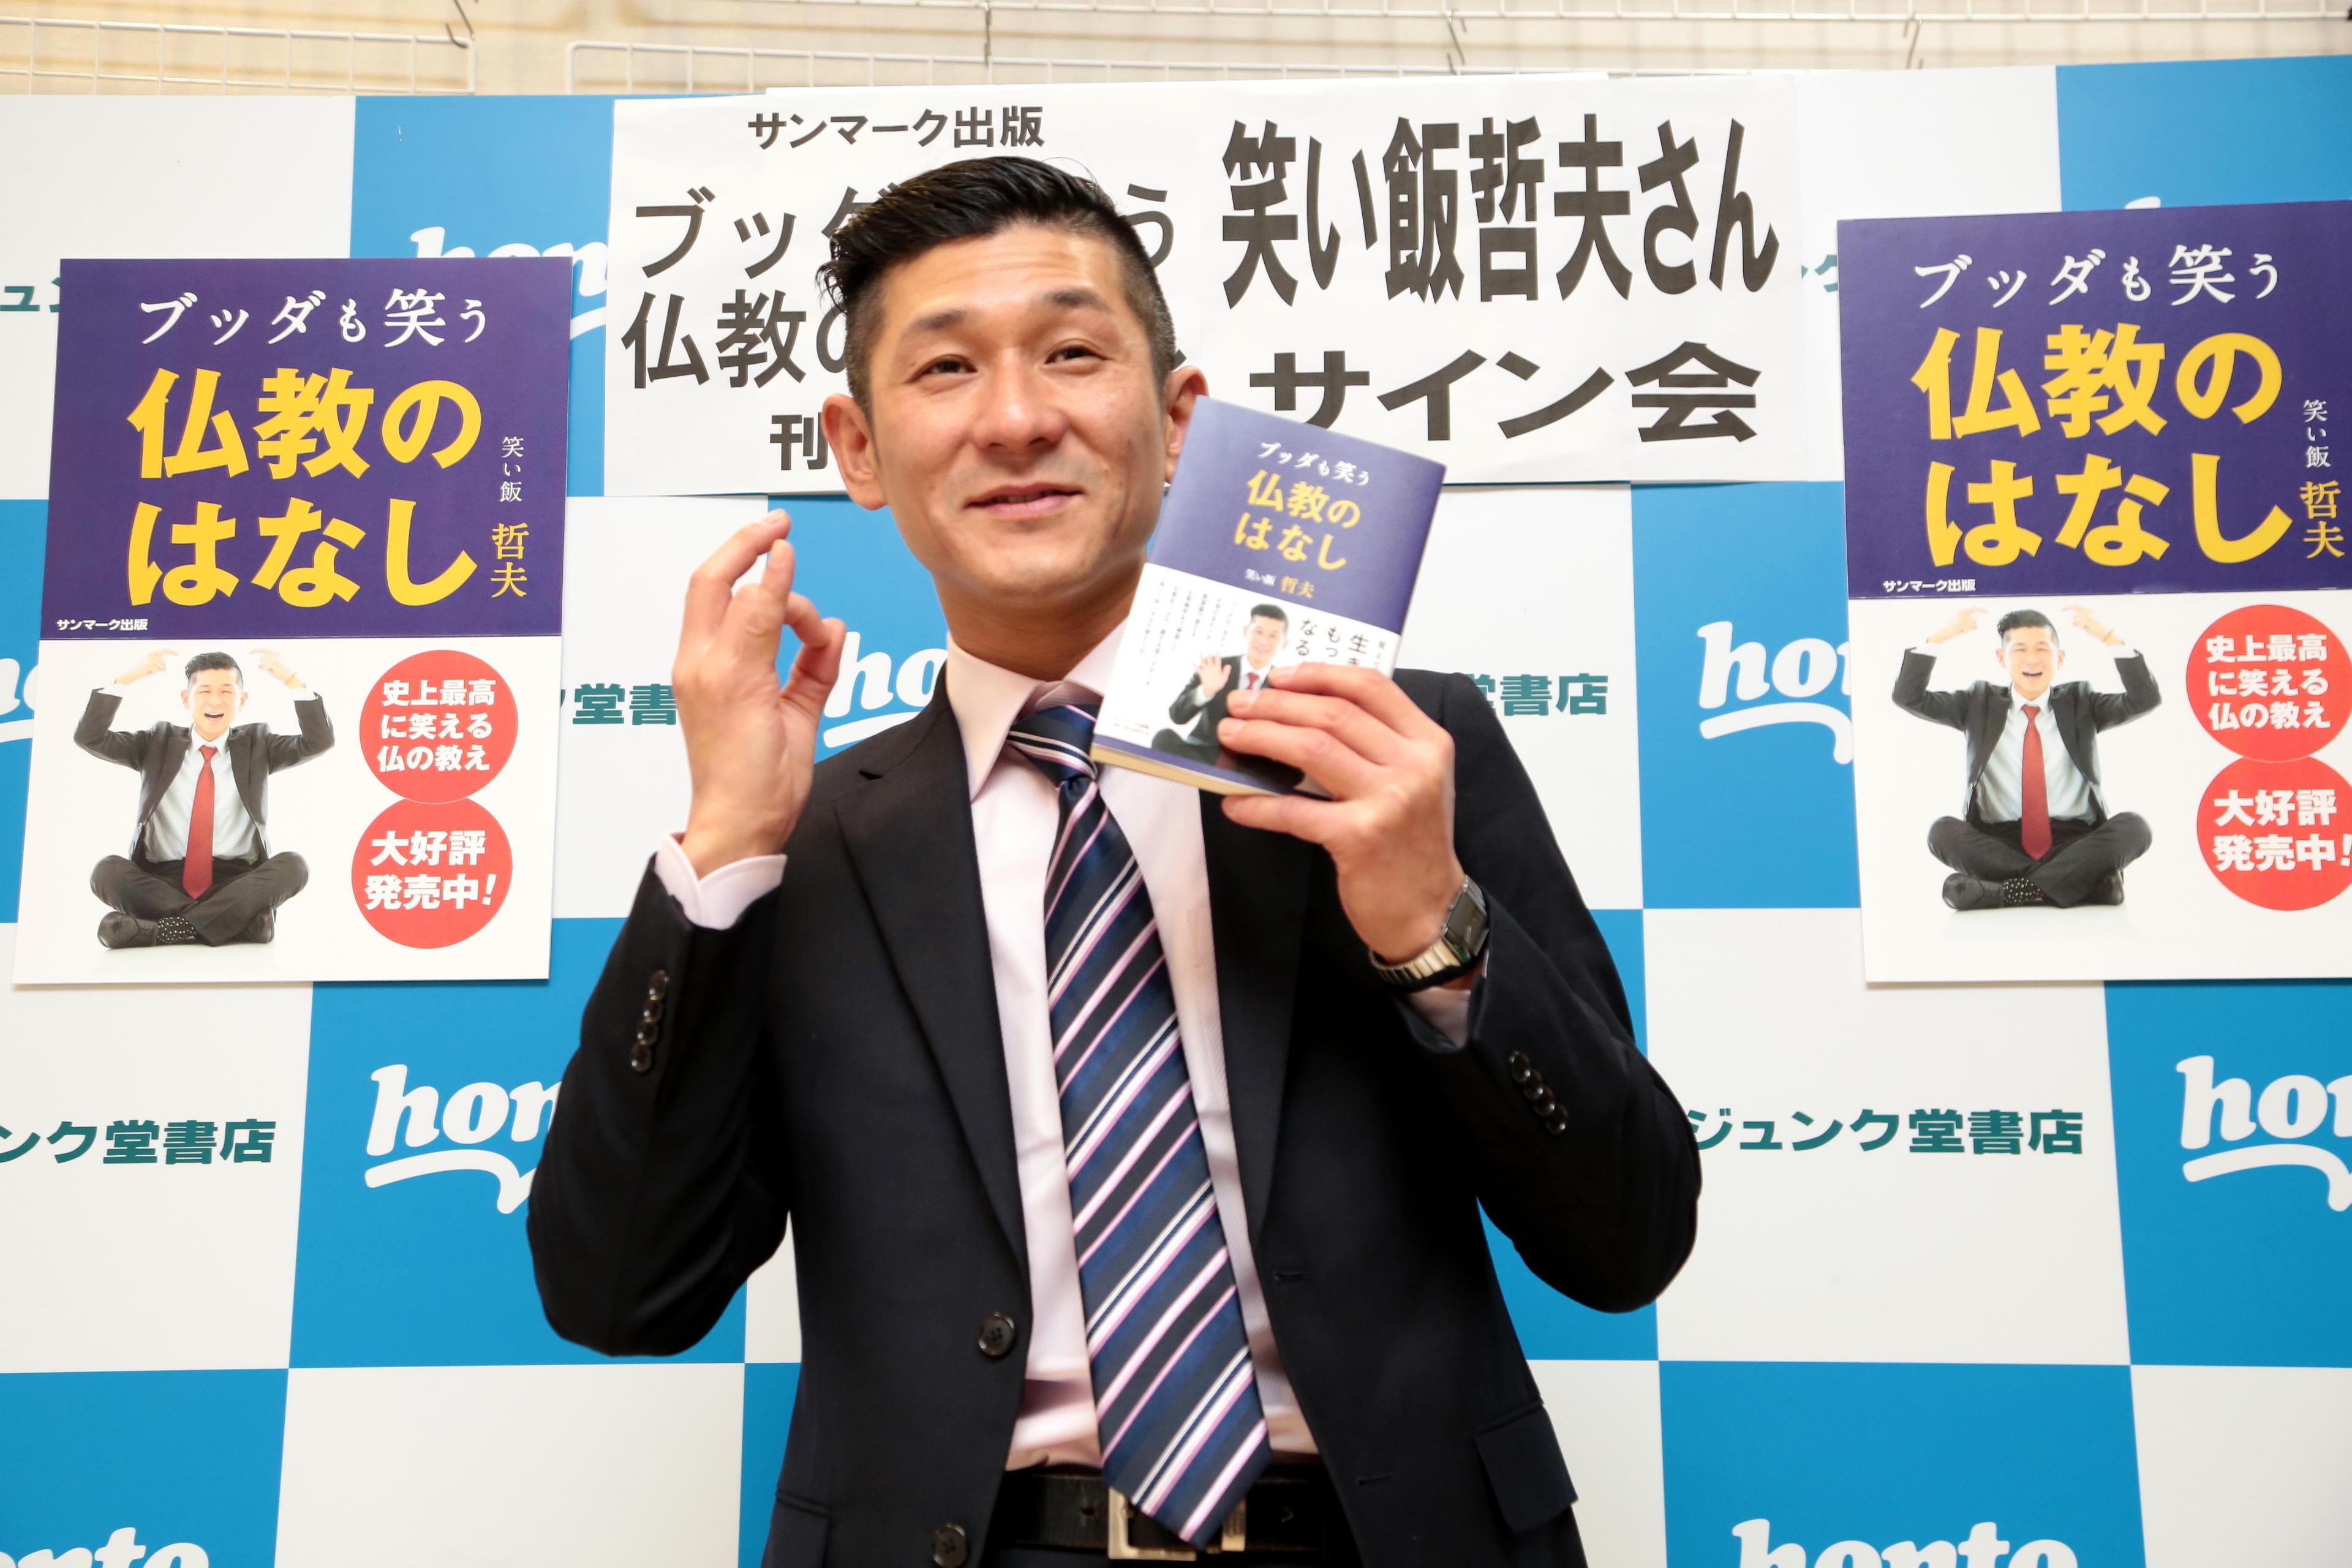 http://news.yoshimoto.co.jp/20160119235636-068d99a7b16ccf857a93016ae0a2ce8d4ba47e60.jpg